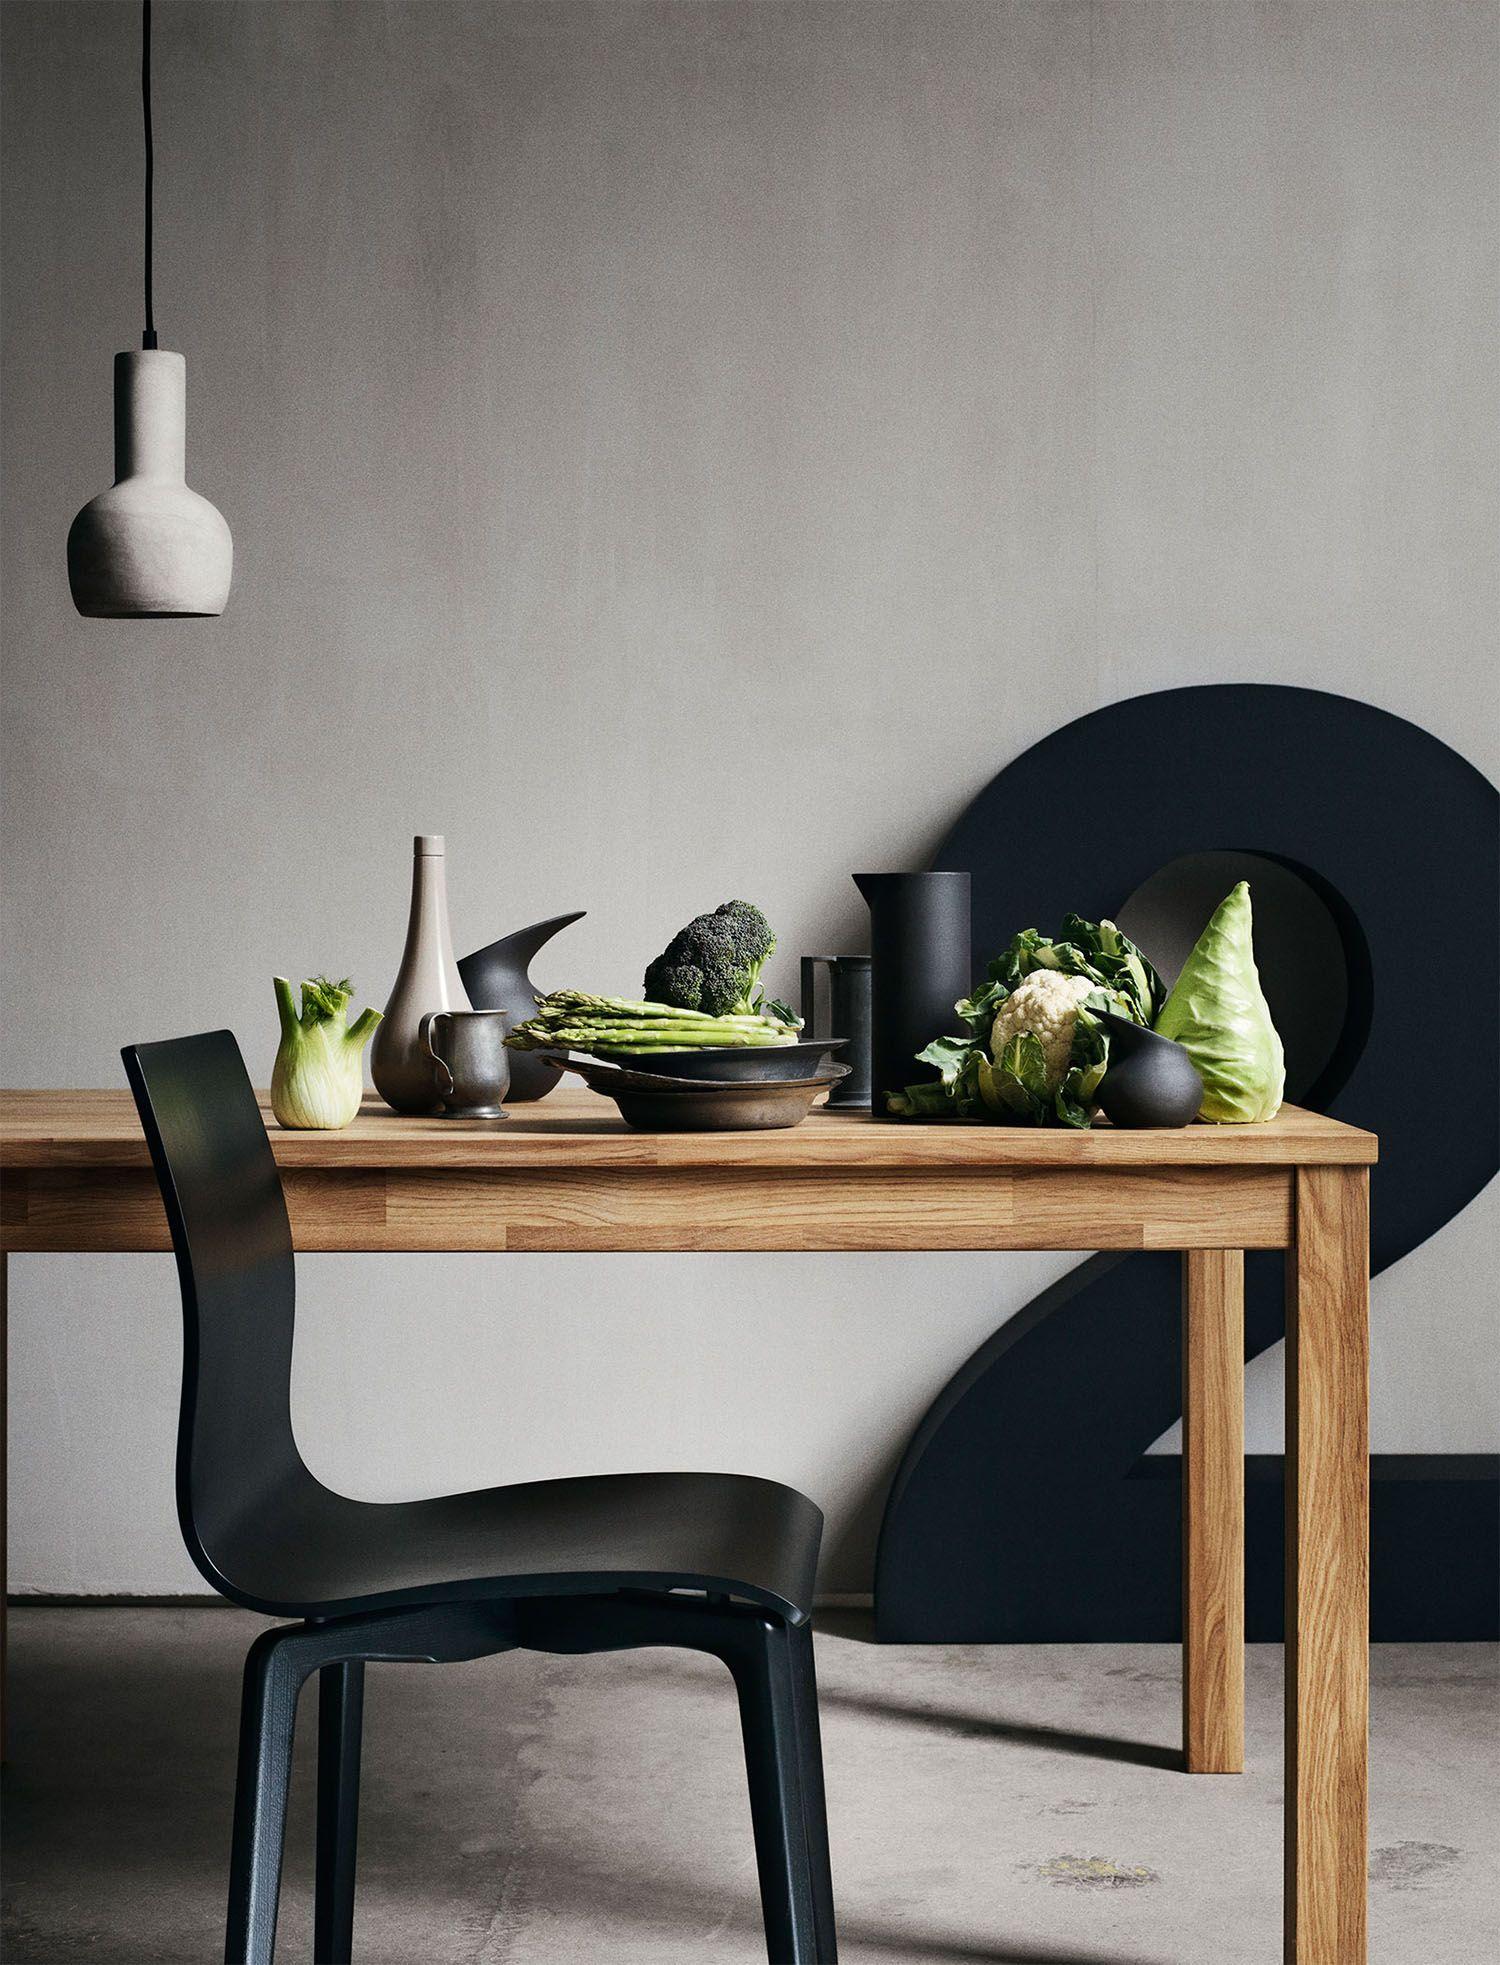 Skagen Esstisch 90x180 cm | Esstisch, Bolia, Tisch